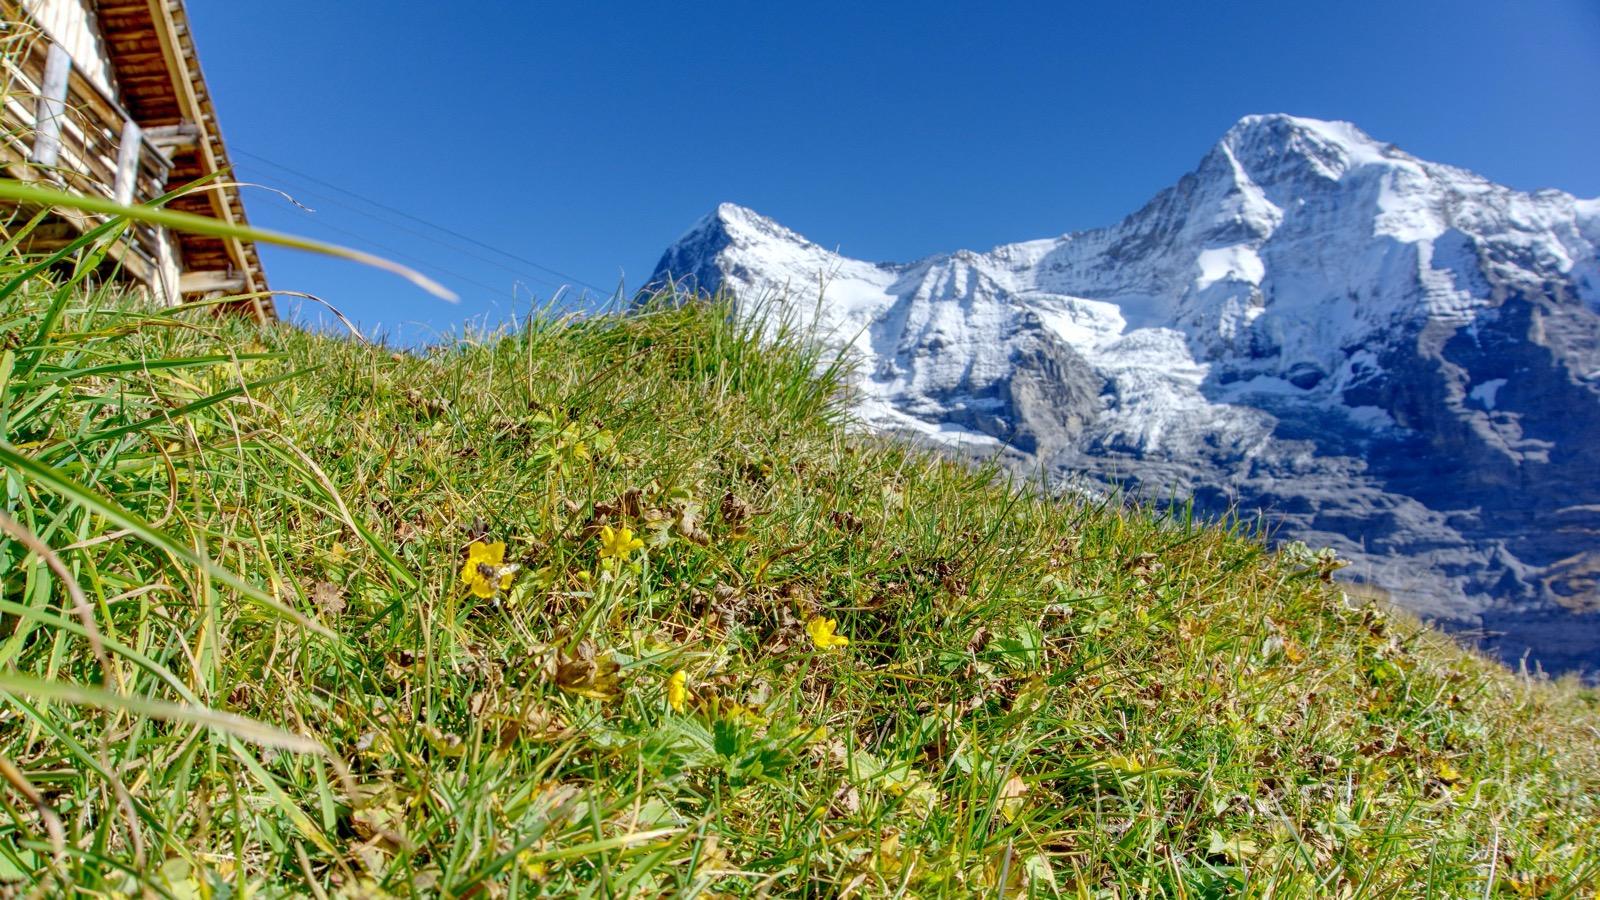 Saftiges Gras und frische Blüten an der Rinderhütte.